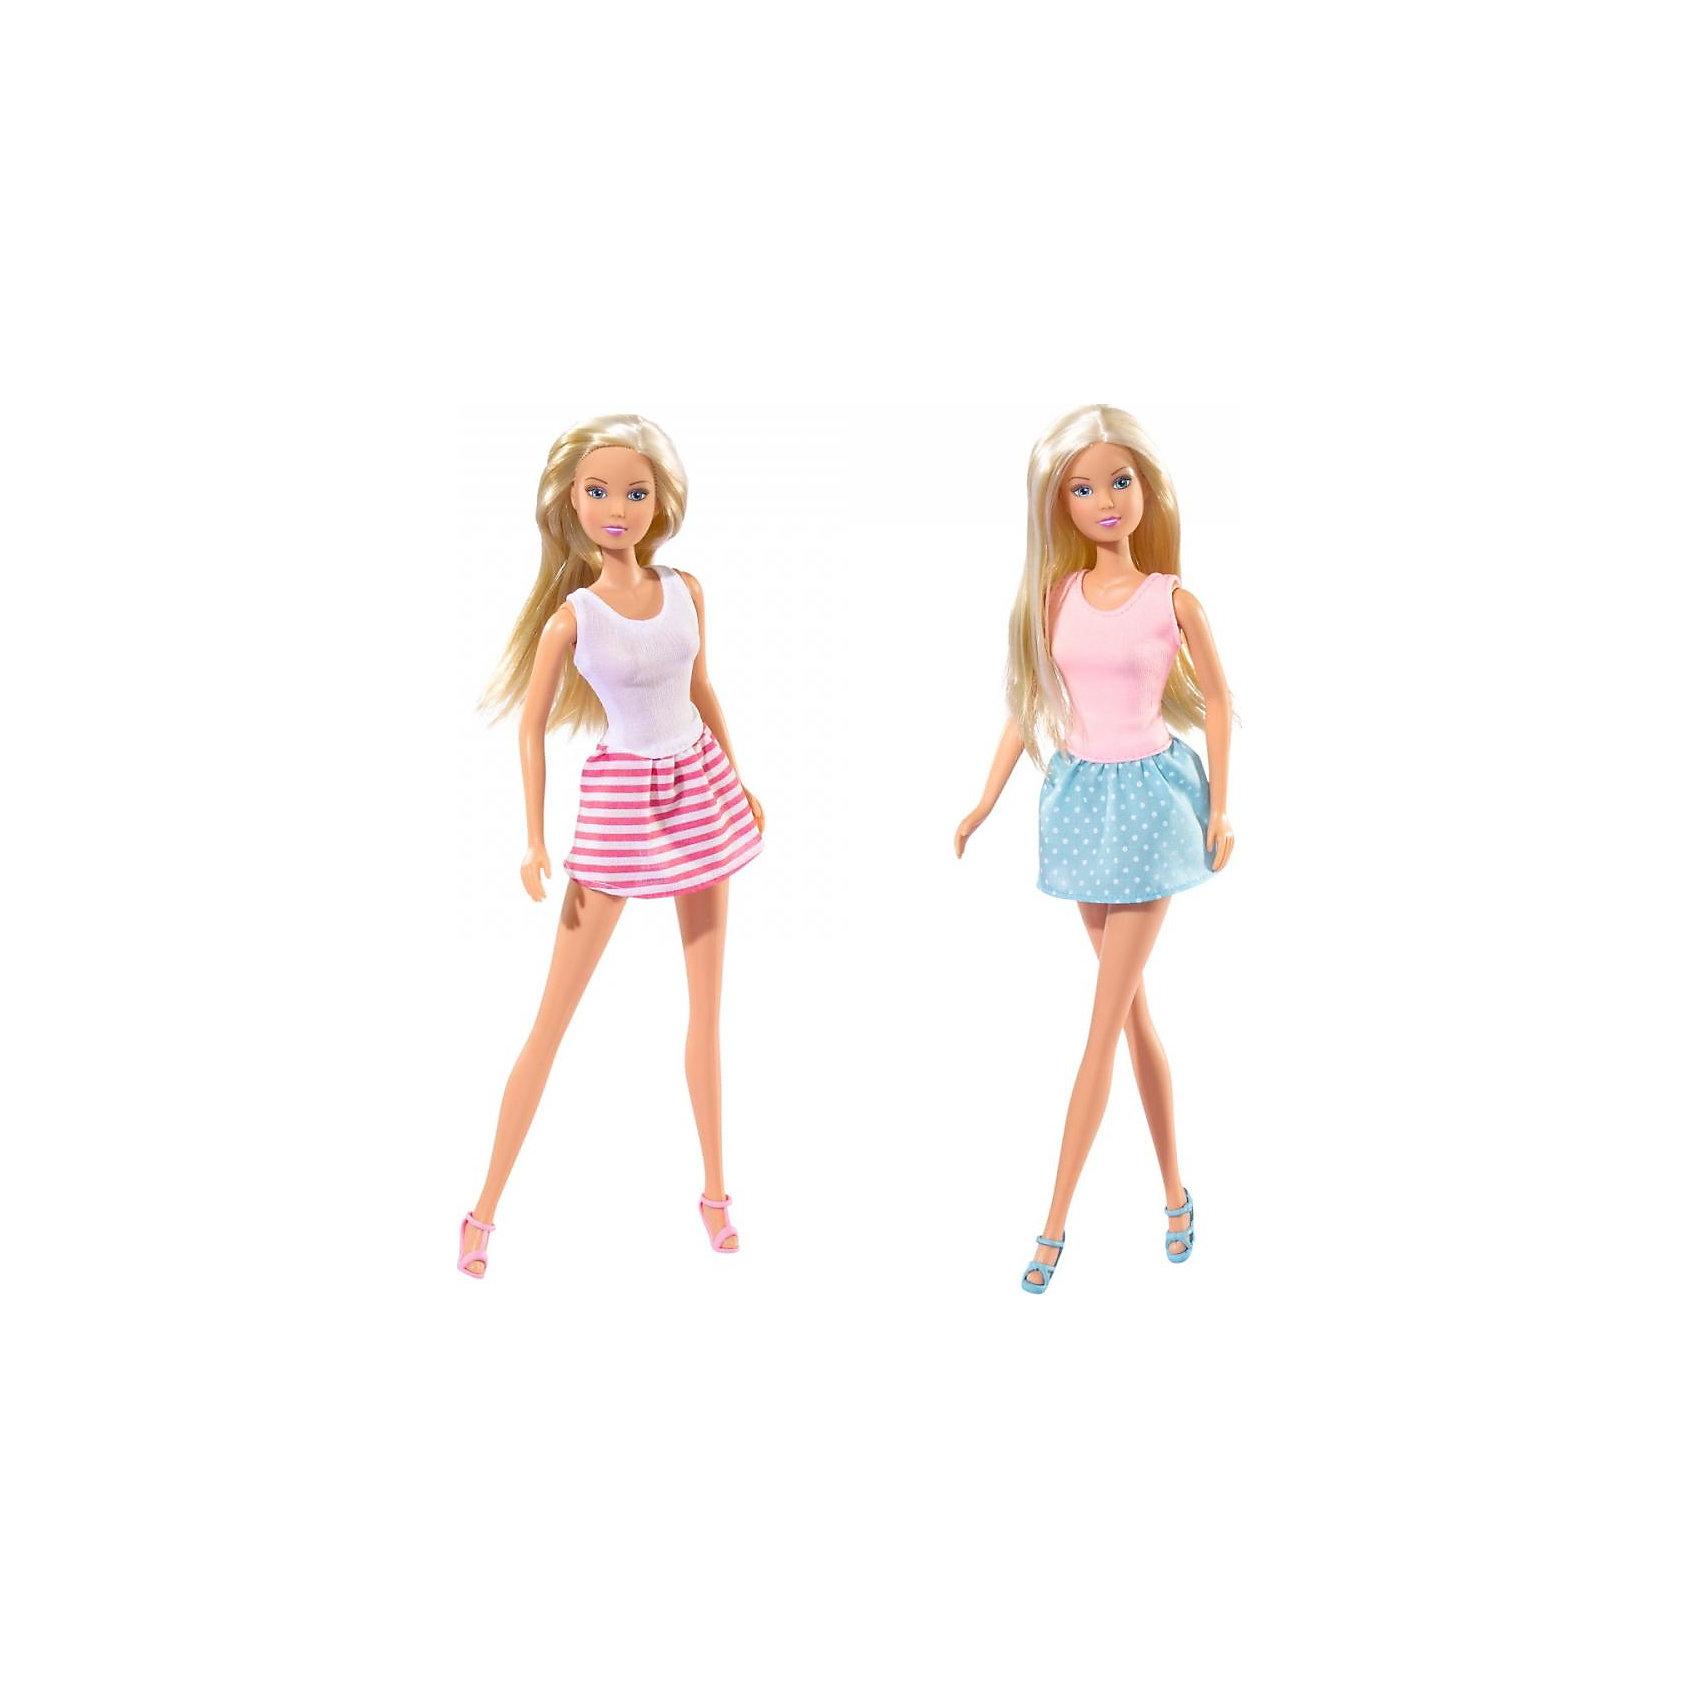 Кукла Штеффи - городская мода, SimbaХарактеристики товара:<br><br>- цвет: разноцветный;<br>- материал: пластик, текстиль;<br>- возраст: от трех лет;<br>- комплектация: кукла, аксессуары;<br>- высота куклы: 29 см.<br><br>Эта симпатичная кукла Штеффи от известного бренда не оставит девочку равнодушной! Какая девочка сможет отказаться поиграть с куклами, которые дополнены таким очаровательным нарядом?! В набор входит одежда для куклы. Игрушка очень качественно выполнена, поэтому она станет замечательным подарком ребенку. <br>Продается набор в красивой удобной упаковке. Игры с куклами помогают девочкам развить важные навыки и отработать модели социального взаимодействия. Изделие произведено из высококачественного материала, безопасного для детей.<br><br>Куклу Штеффи - городская мода, 29 см, от бренда Simba можно купить в нашем интернет-магазине.<br><br>Ширина мм: 45<br>Глубина мм: 95<br>Высота мм: 325<br>Вес г: 200<br>Возраст от месяцев: 36<br>Возраст до месяцев: 84<br>Пол: Женский<br>Возраст: Детский<br>SKU: 2270179